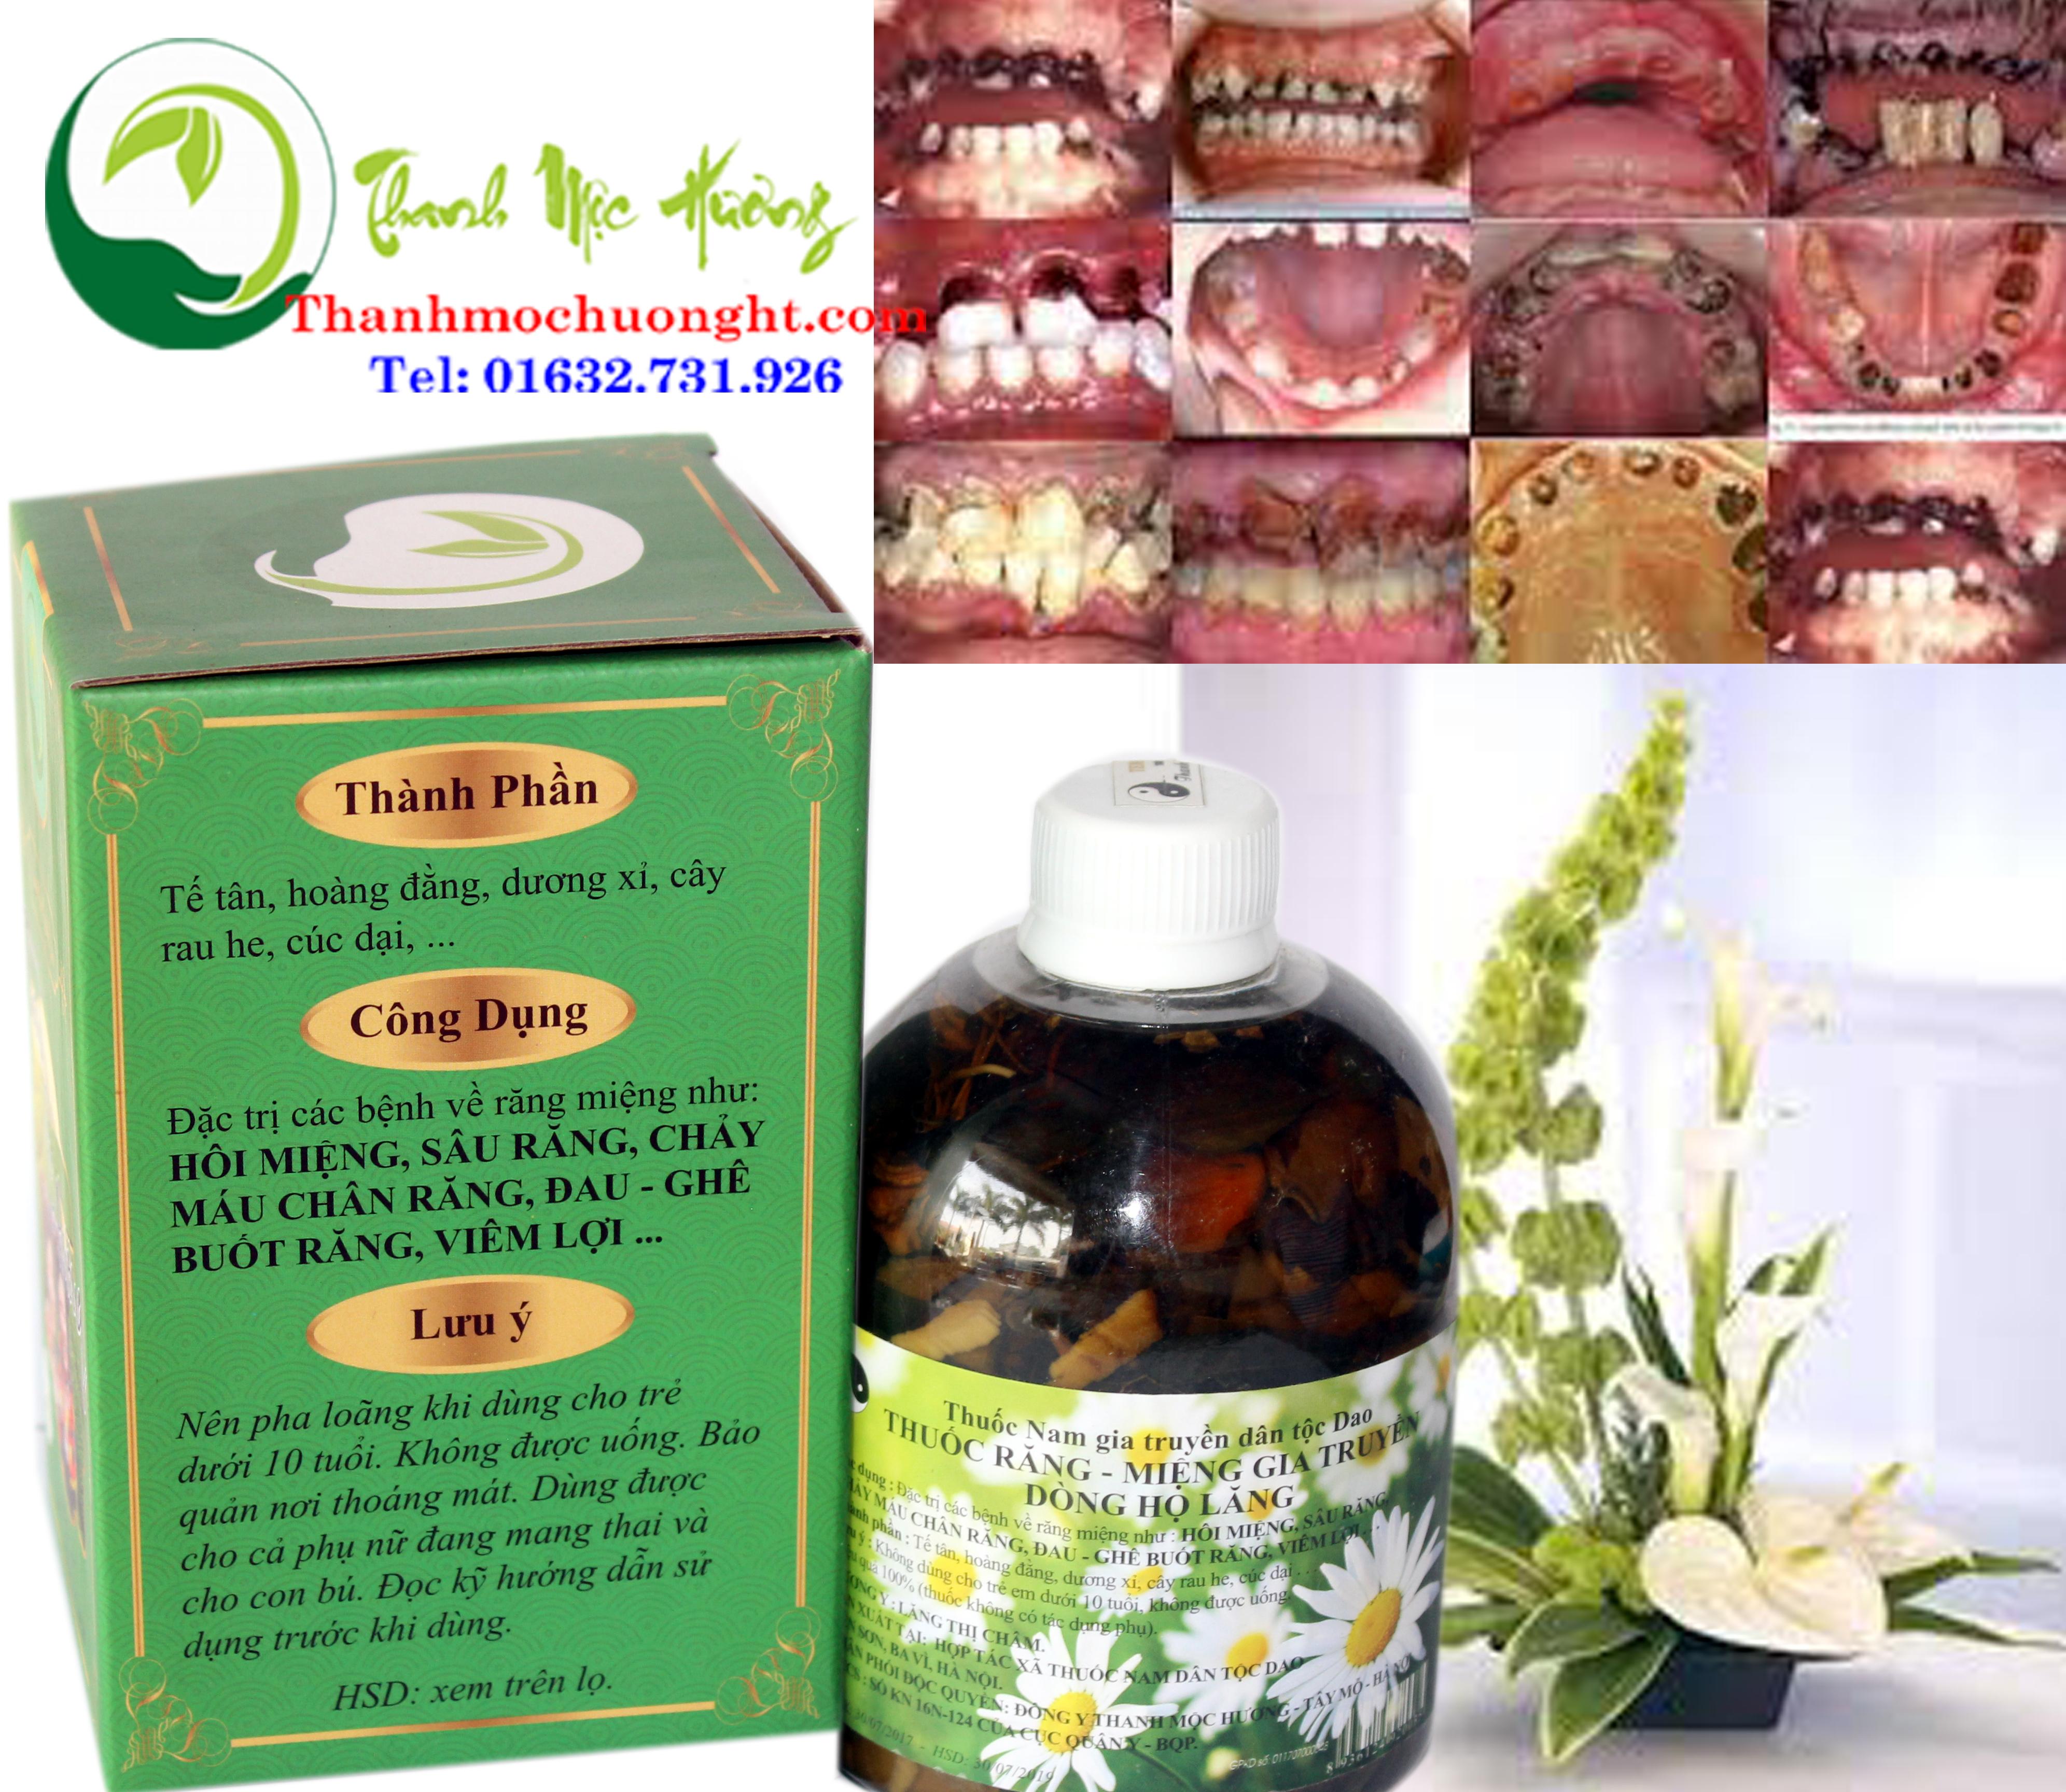 Thuốc răng miệng Thanh Mộc Hương dùng được cho trẻ từ mấy tuổi